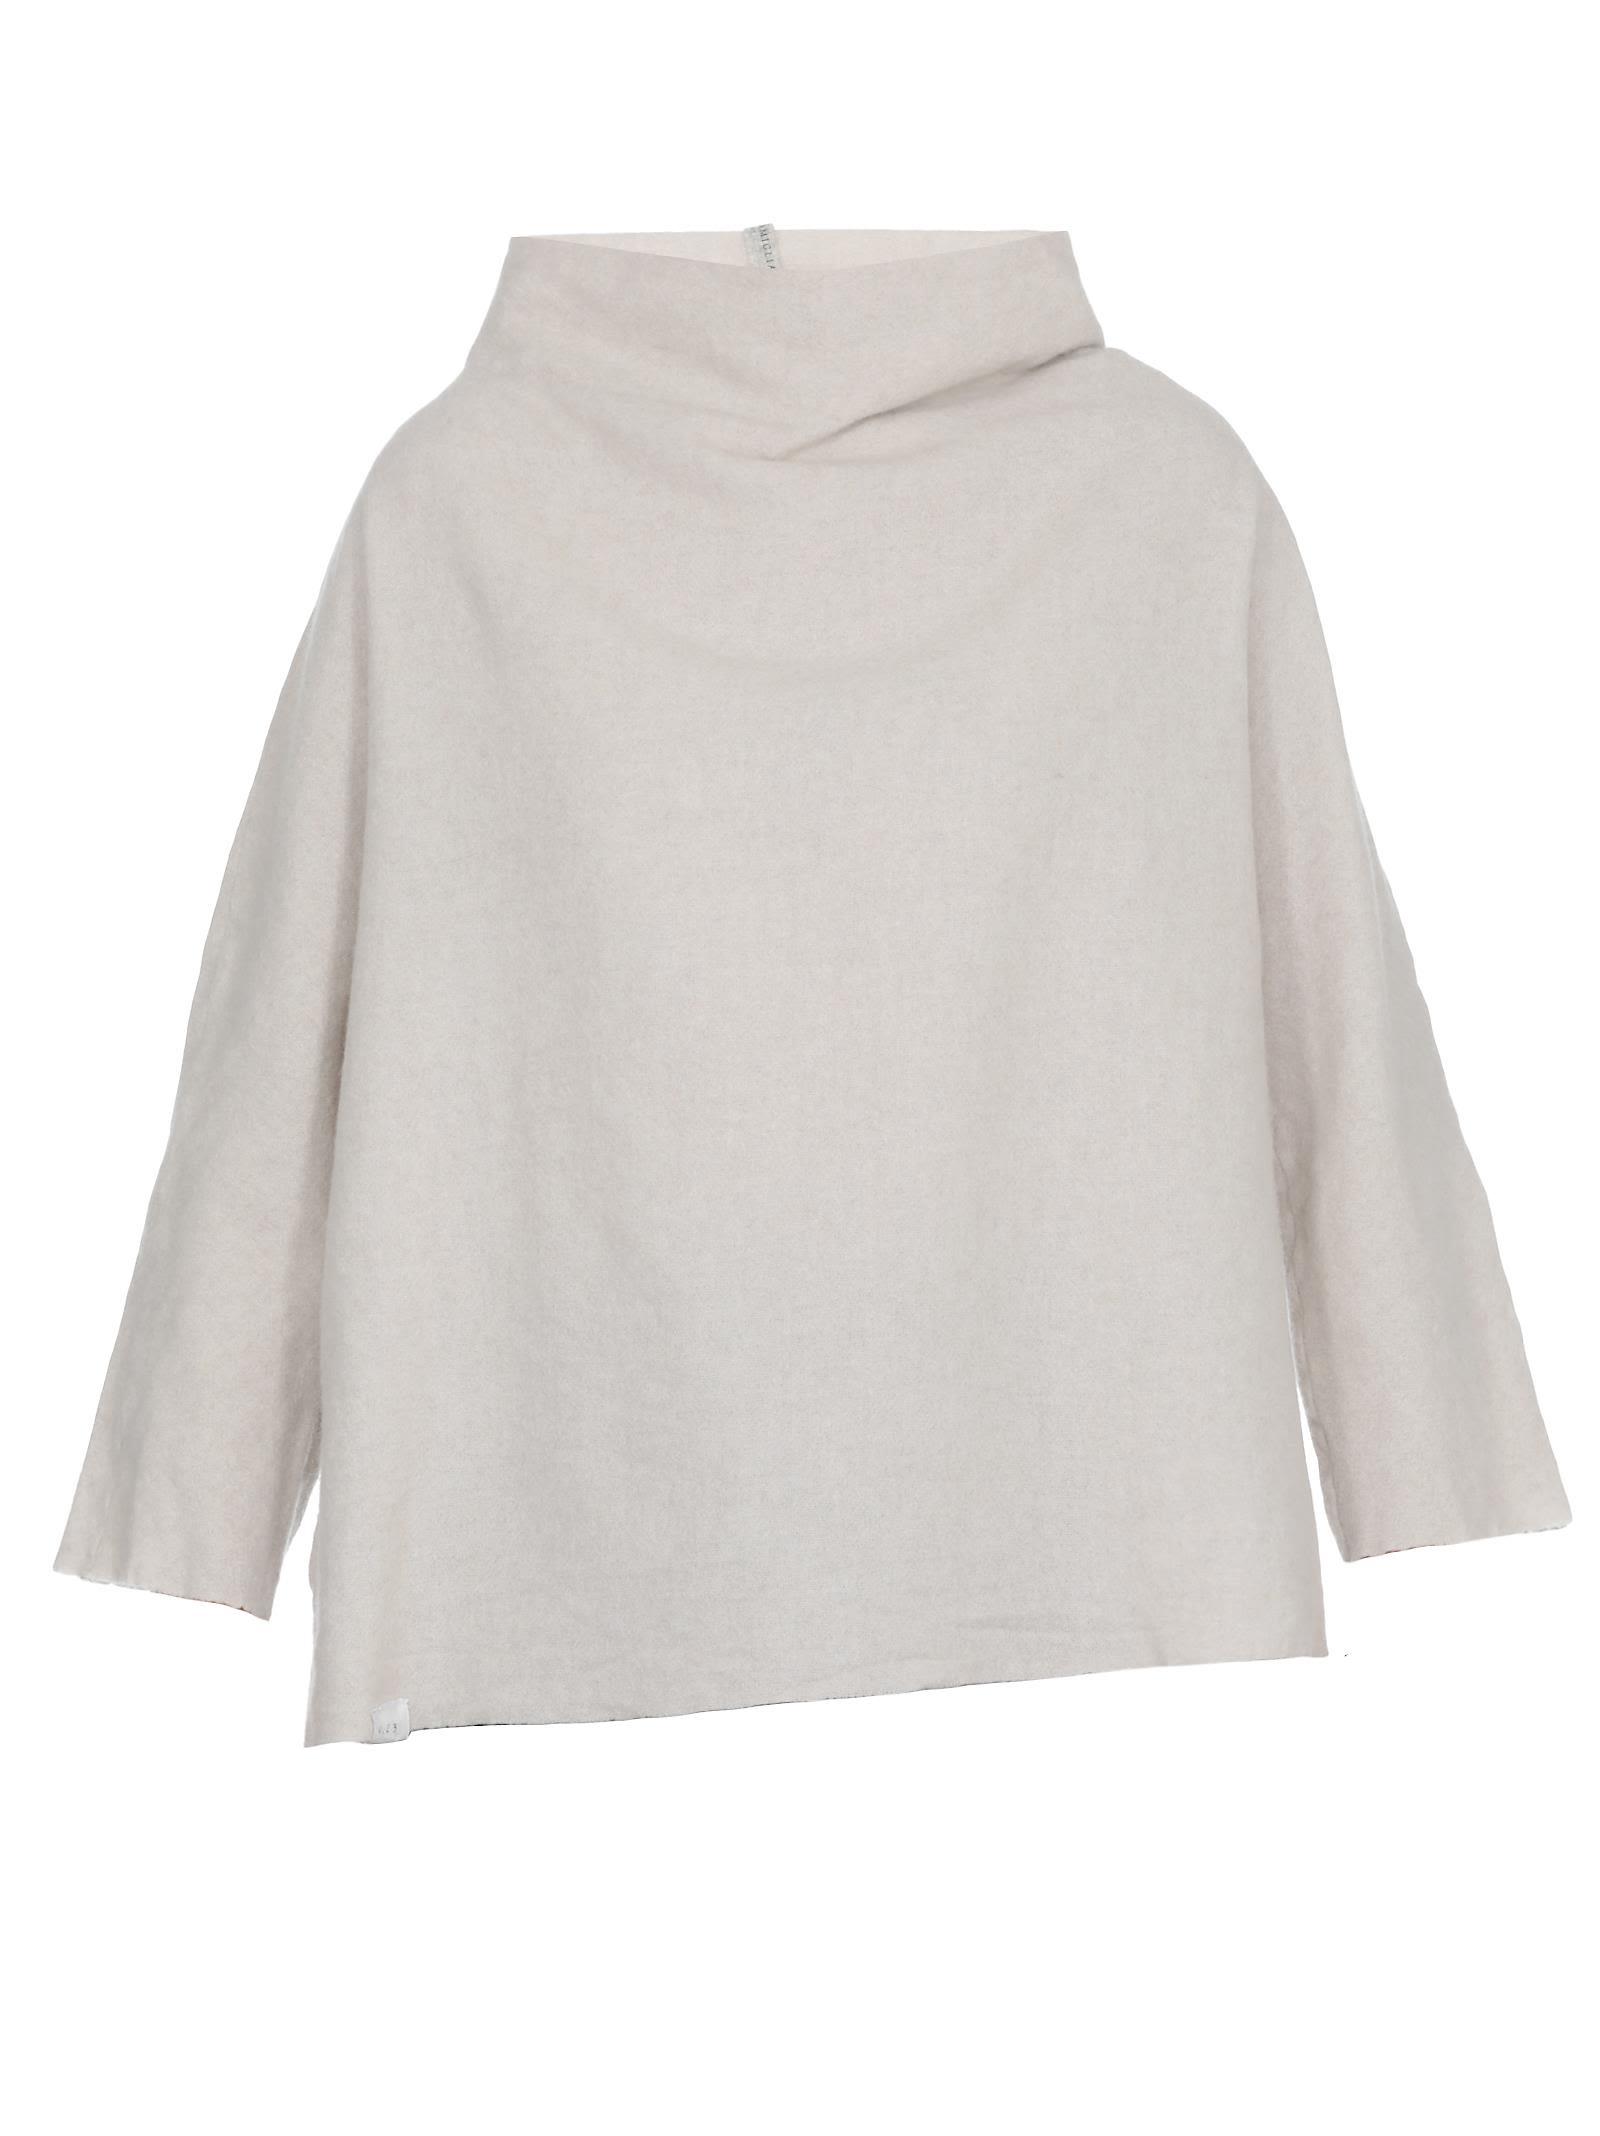 ALBUM DI FAMIGLIA Wool And Cashmere Sweater in Off White